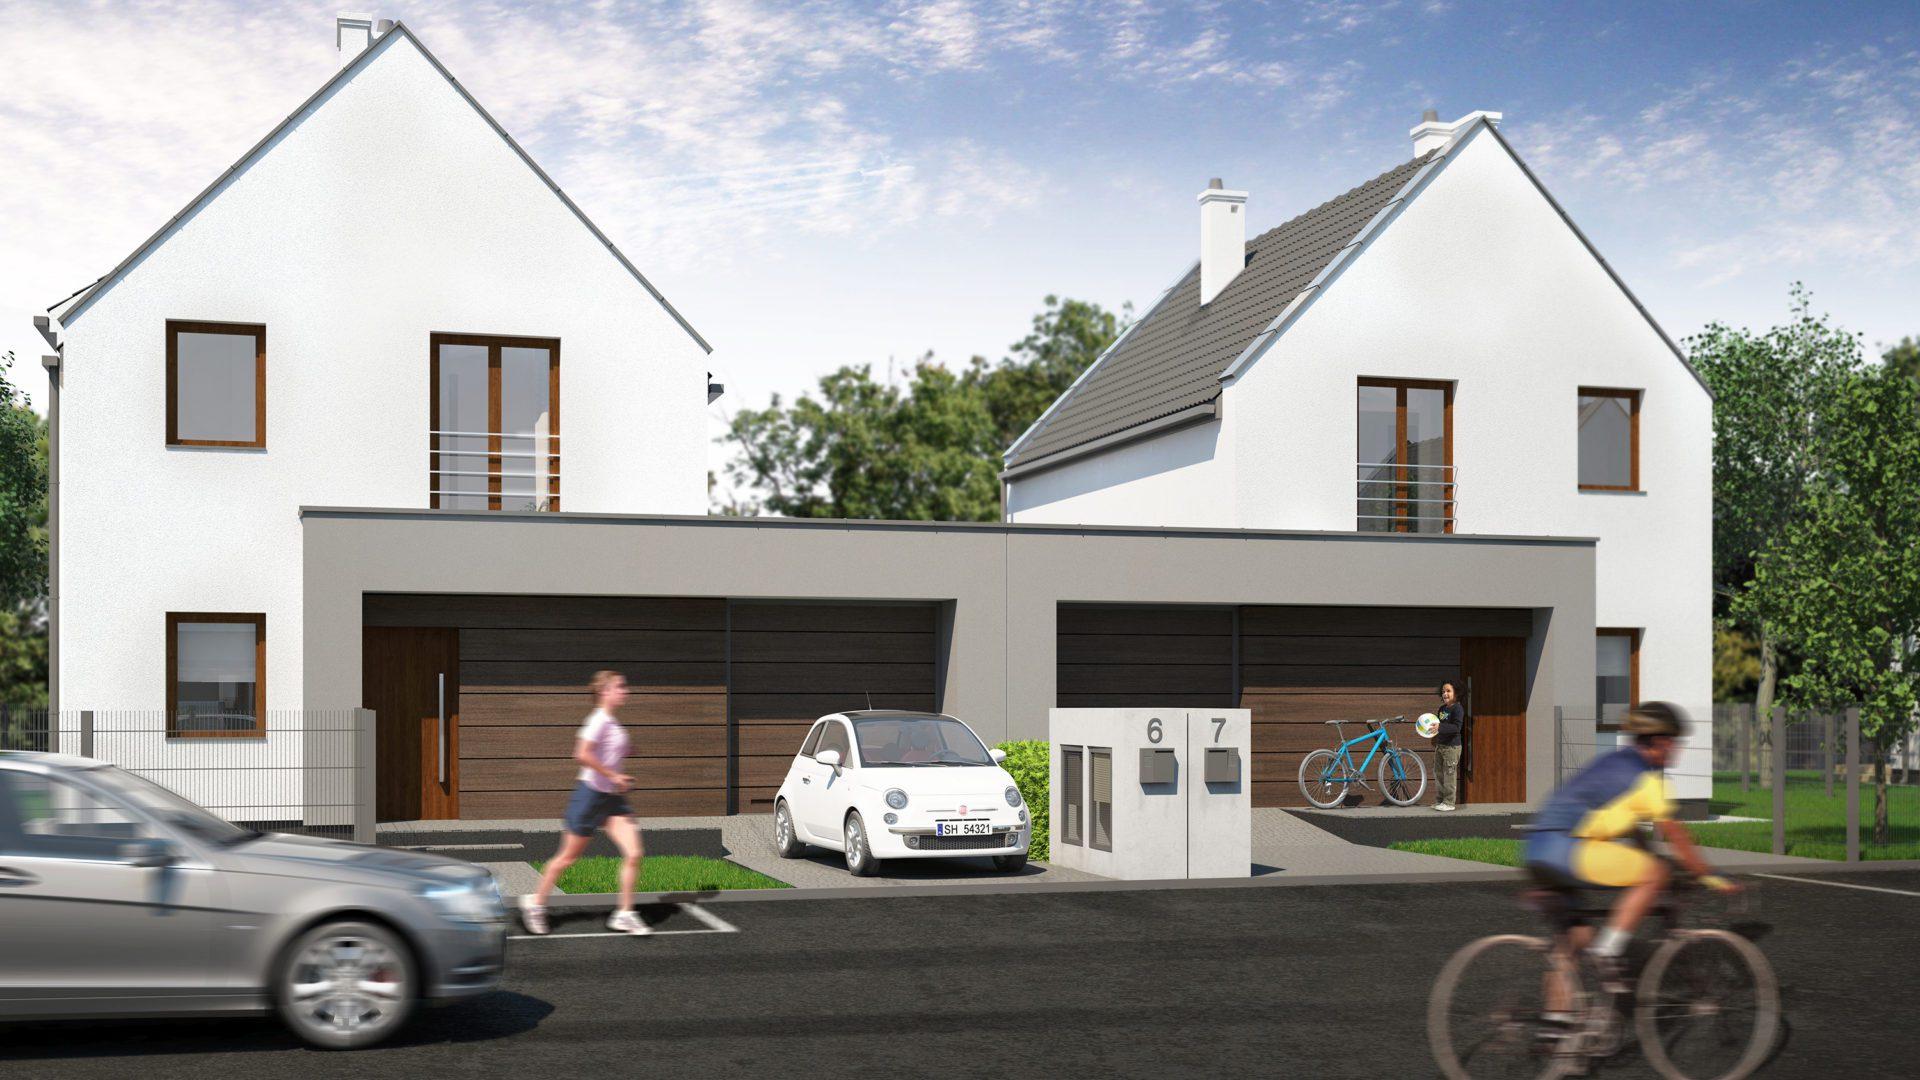 dom bliźniaczy wizualizacja architektoniczna